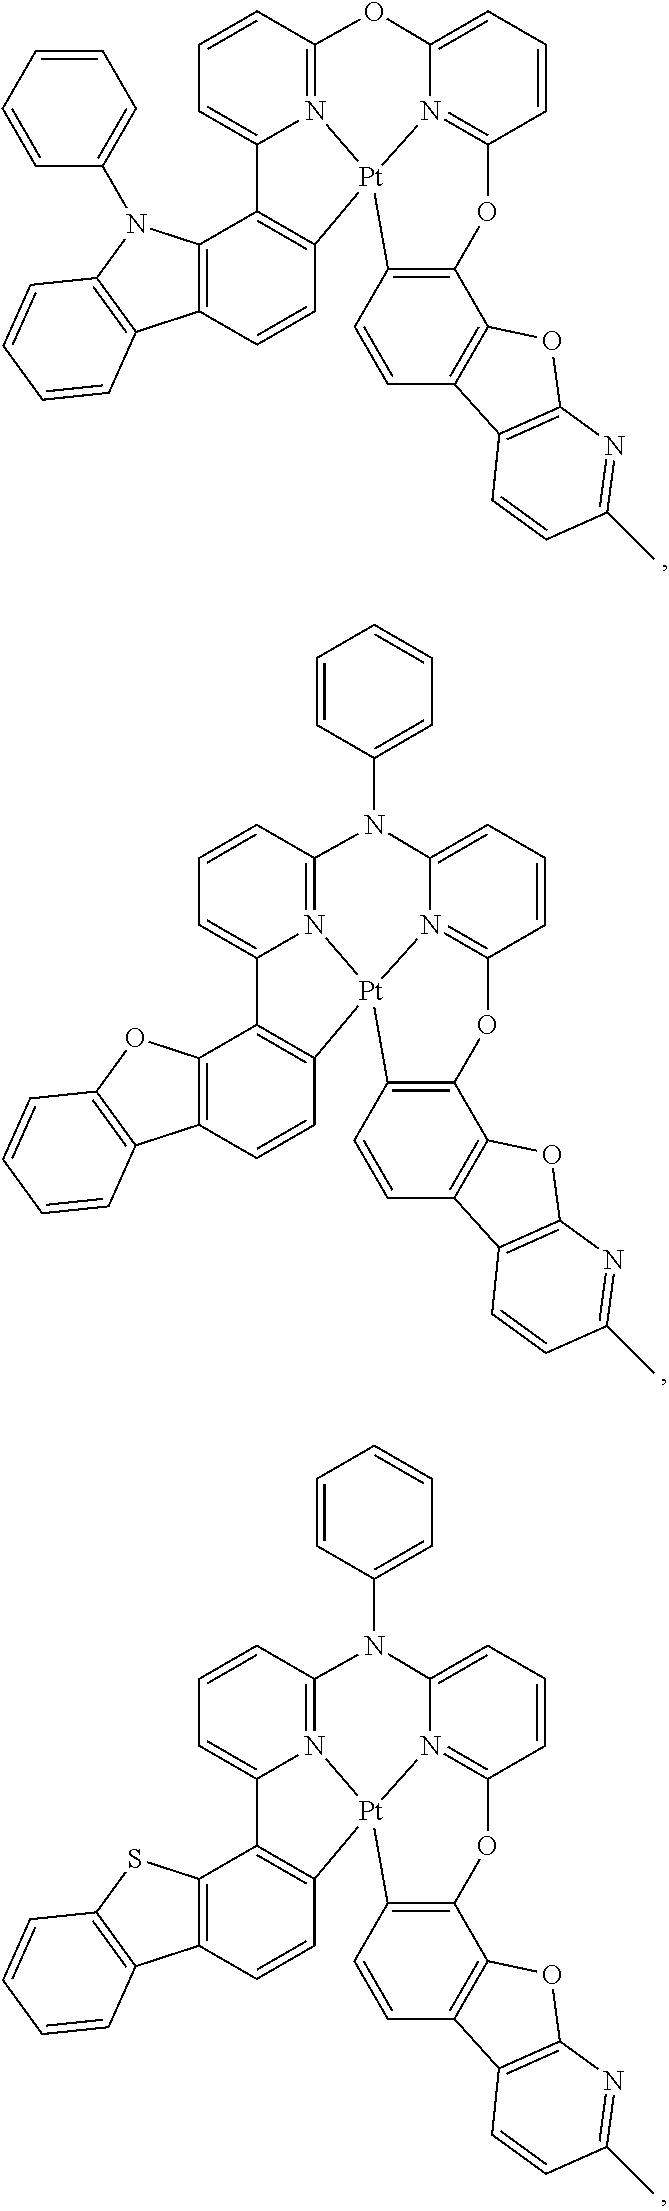 Figure US09871214-20180116-C00312